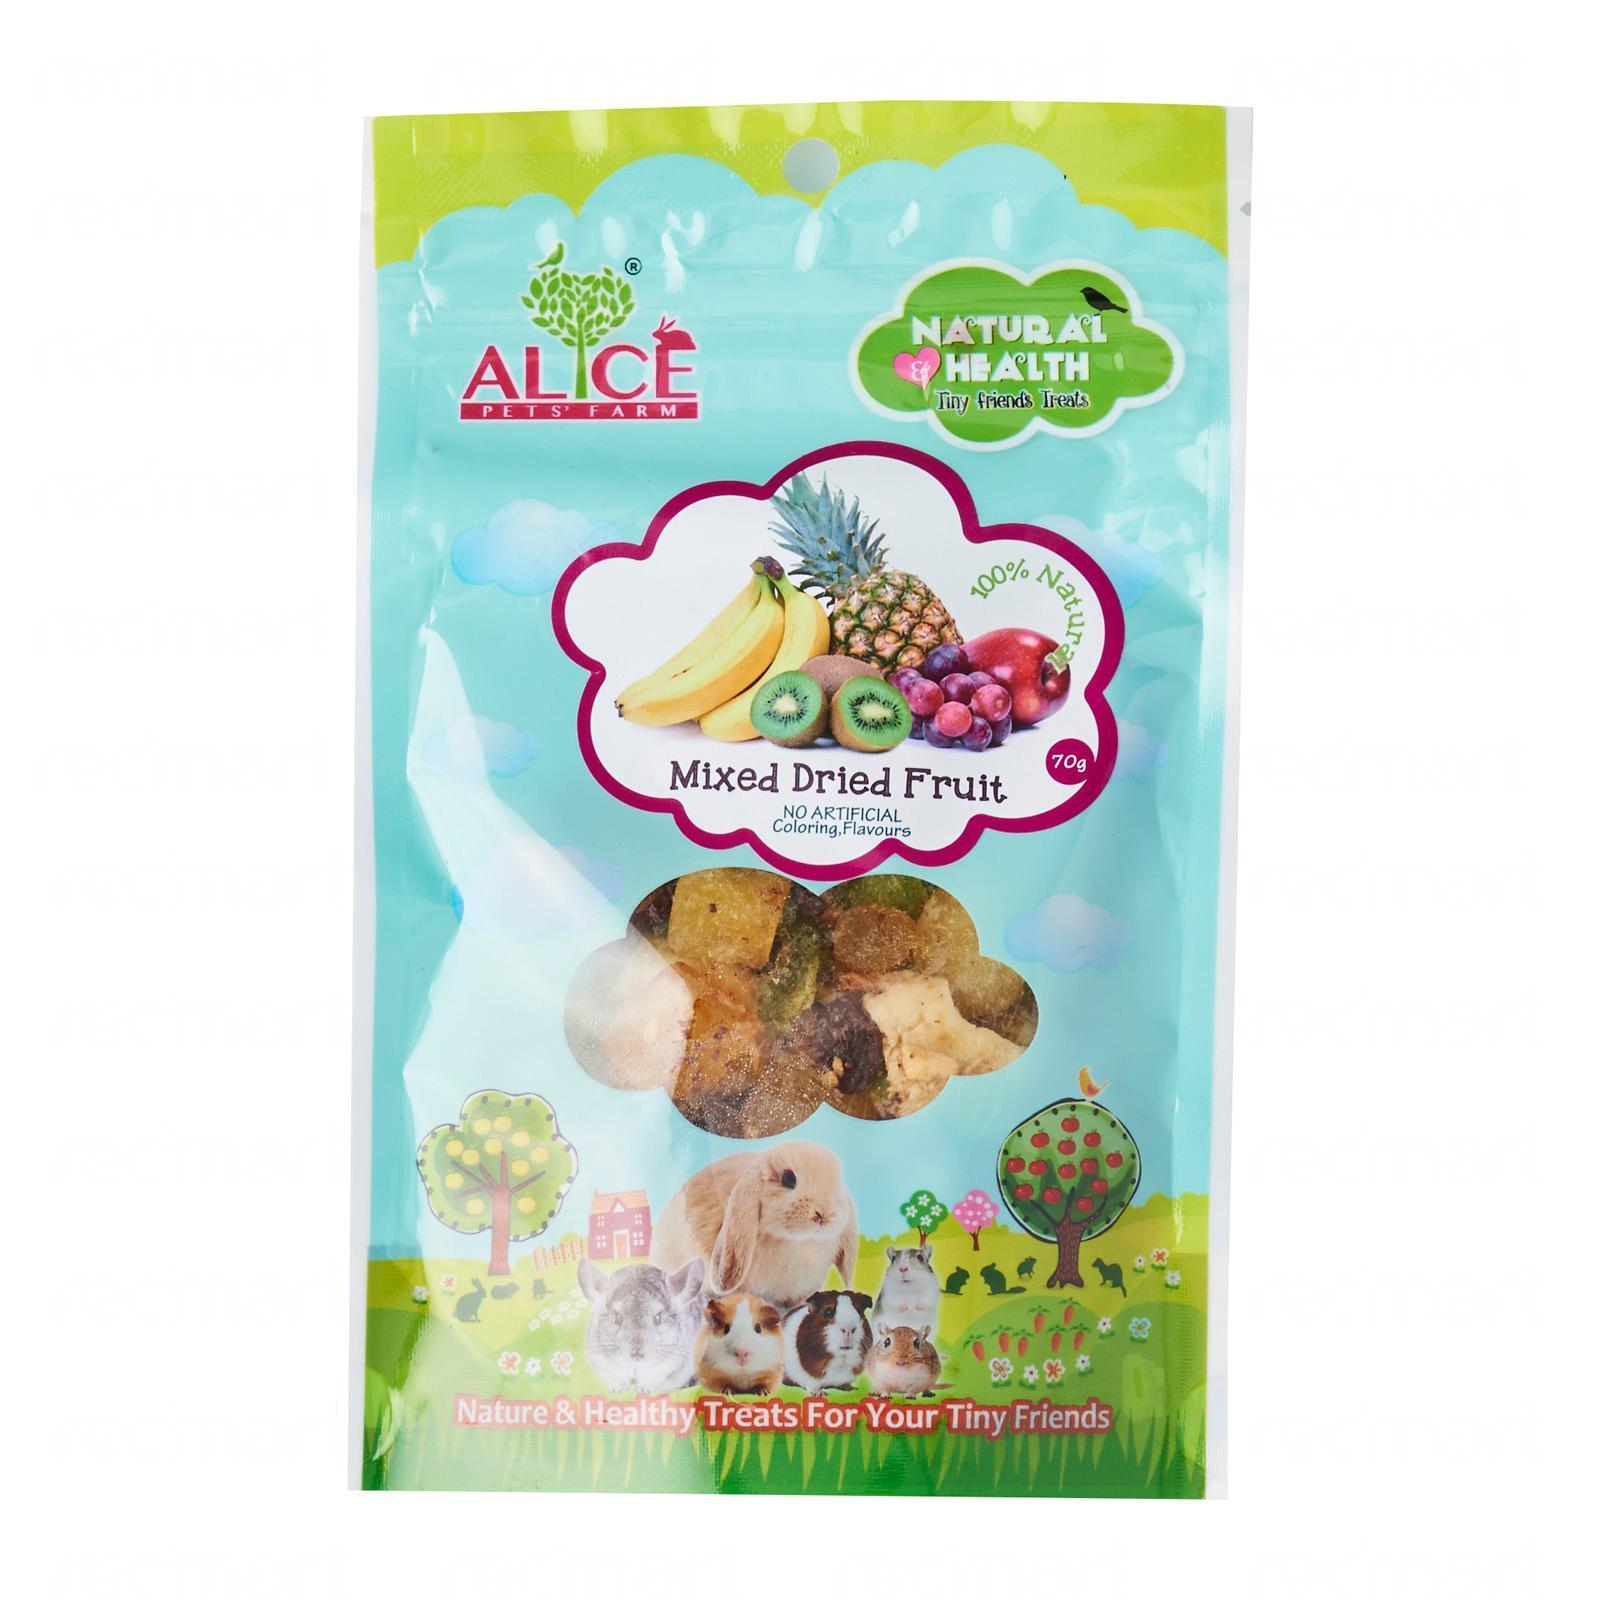 Alice Pet's Farm Small Animal Mixed Dried Fruits Treat